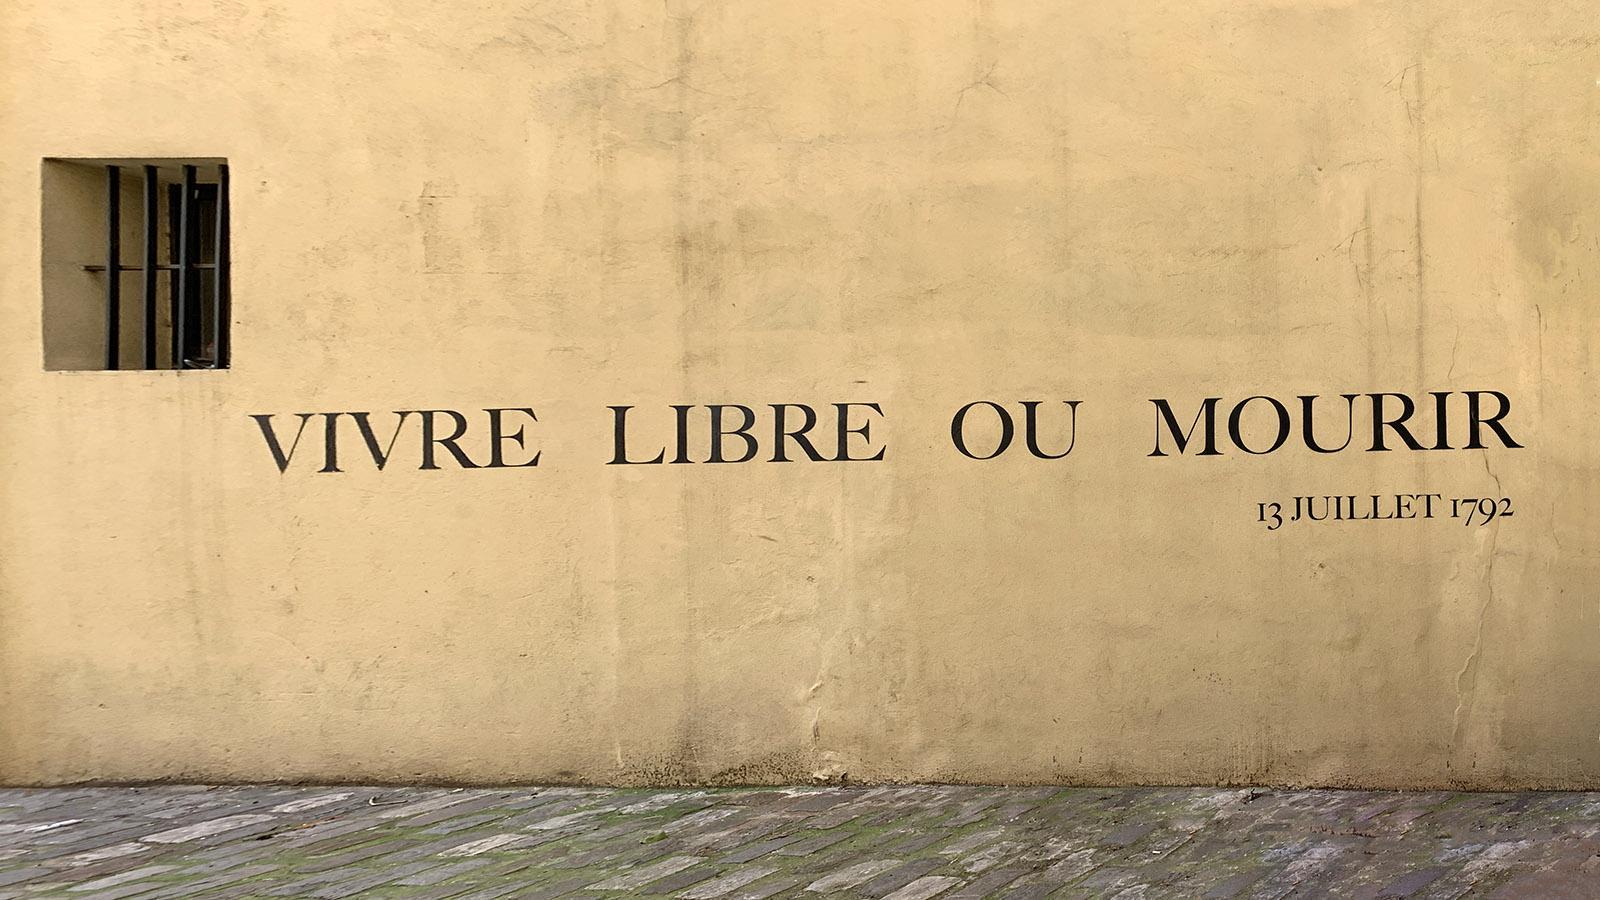 Frei leben oder sterben. Dies forderten die Revolutionäre 1792. Foto: Hilke Maunder